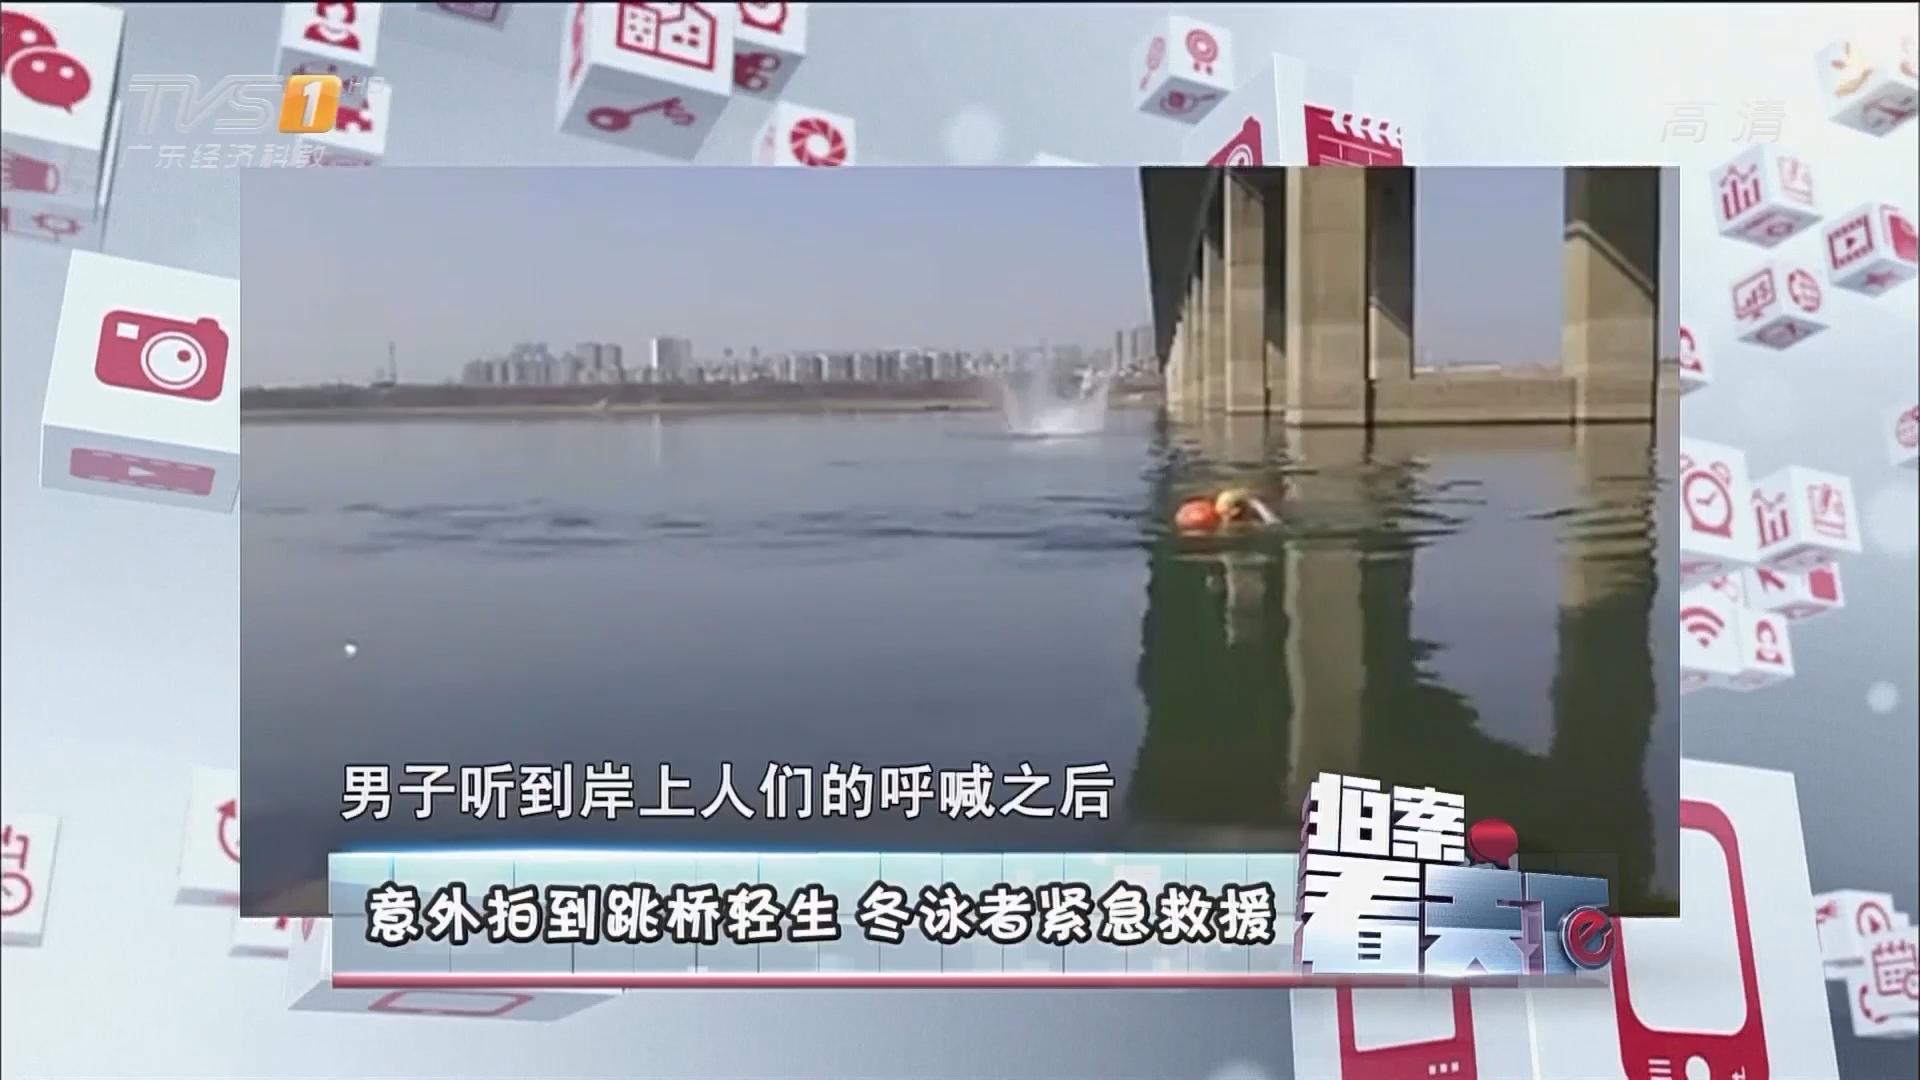 意外拍到跳桥轻生 冬泳者紧急救援